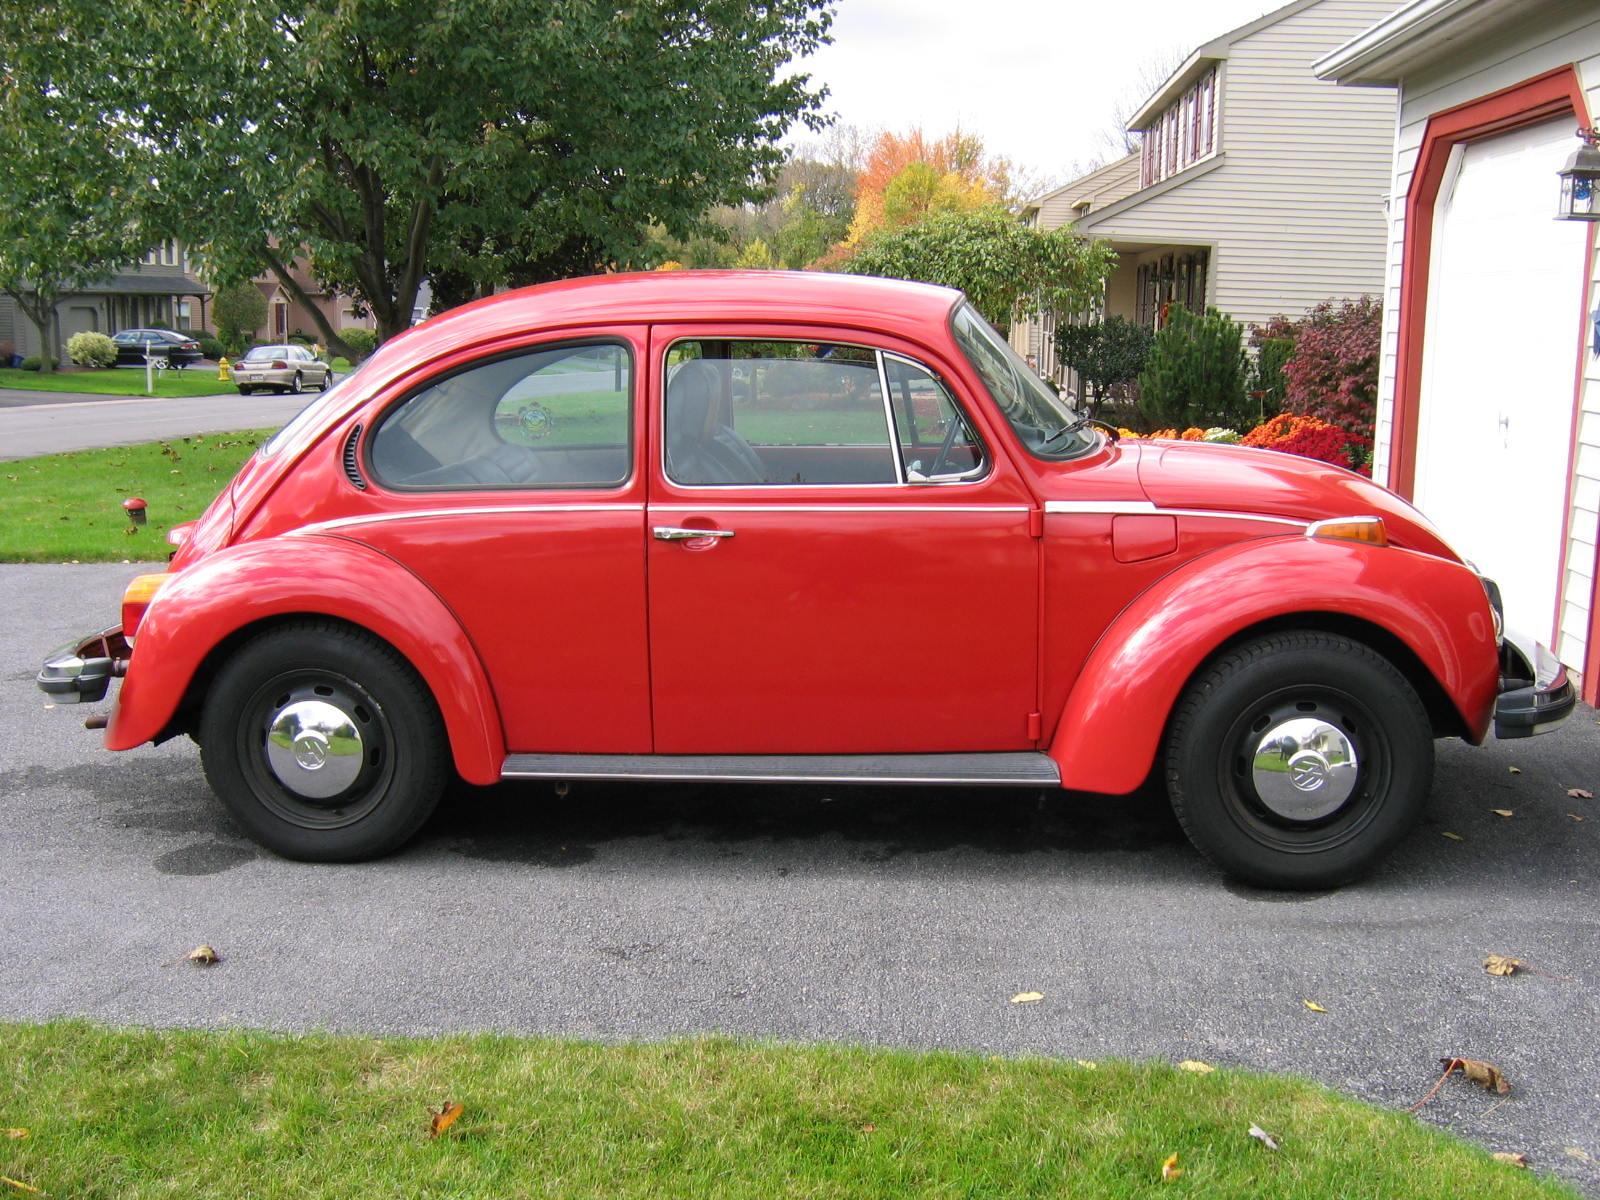 1974 Volkswagen Super Beetle Exterior Pictures Cargurus